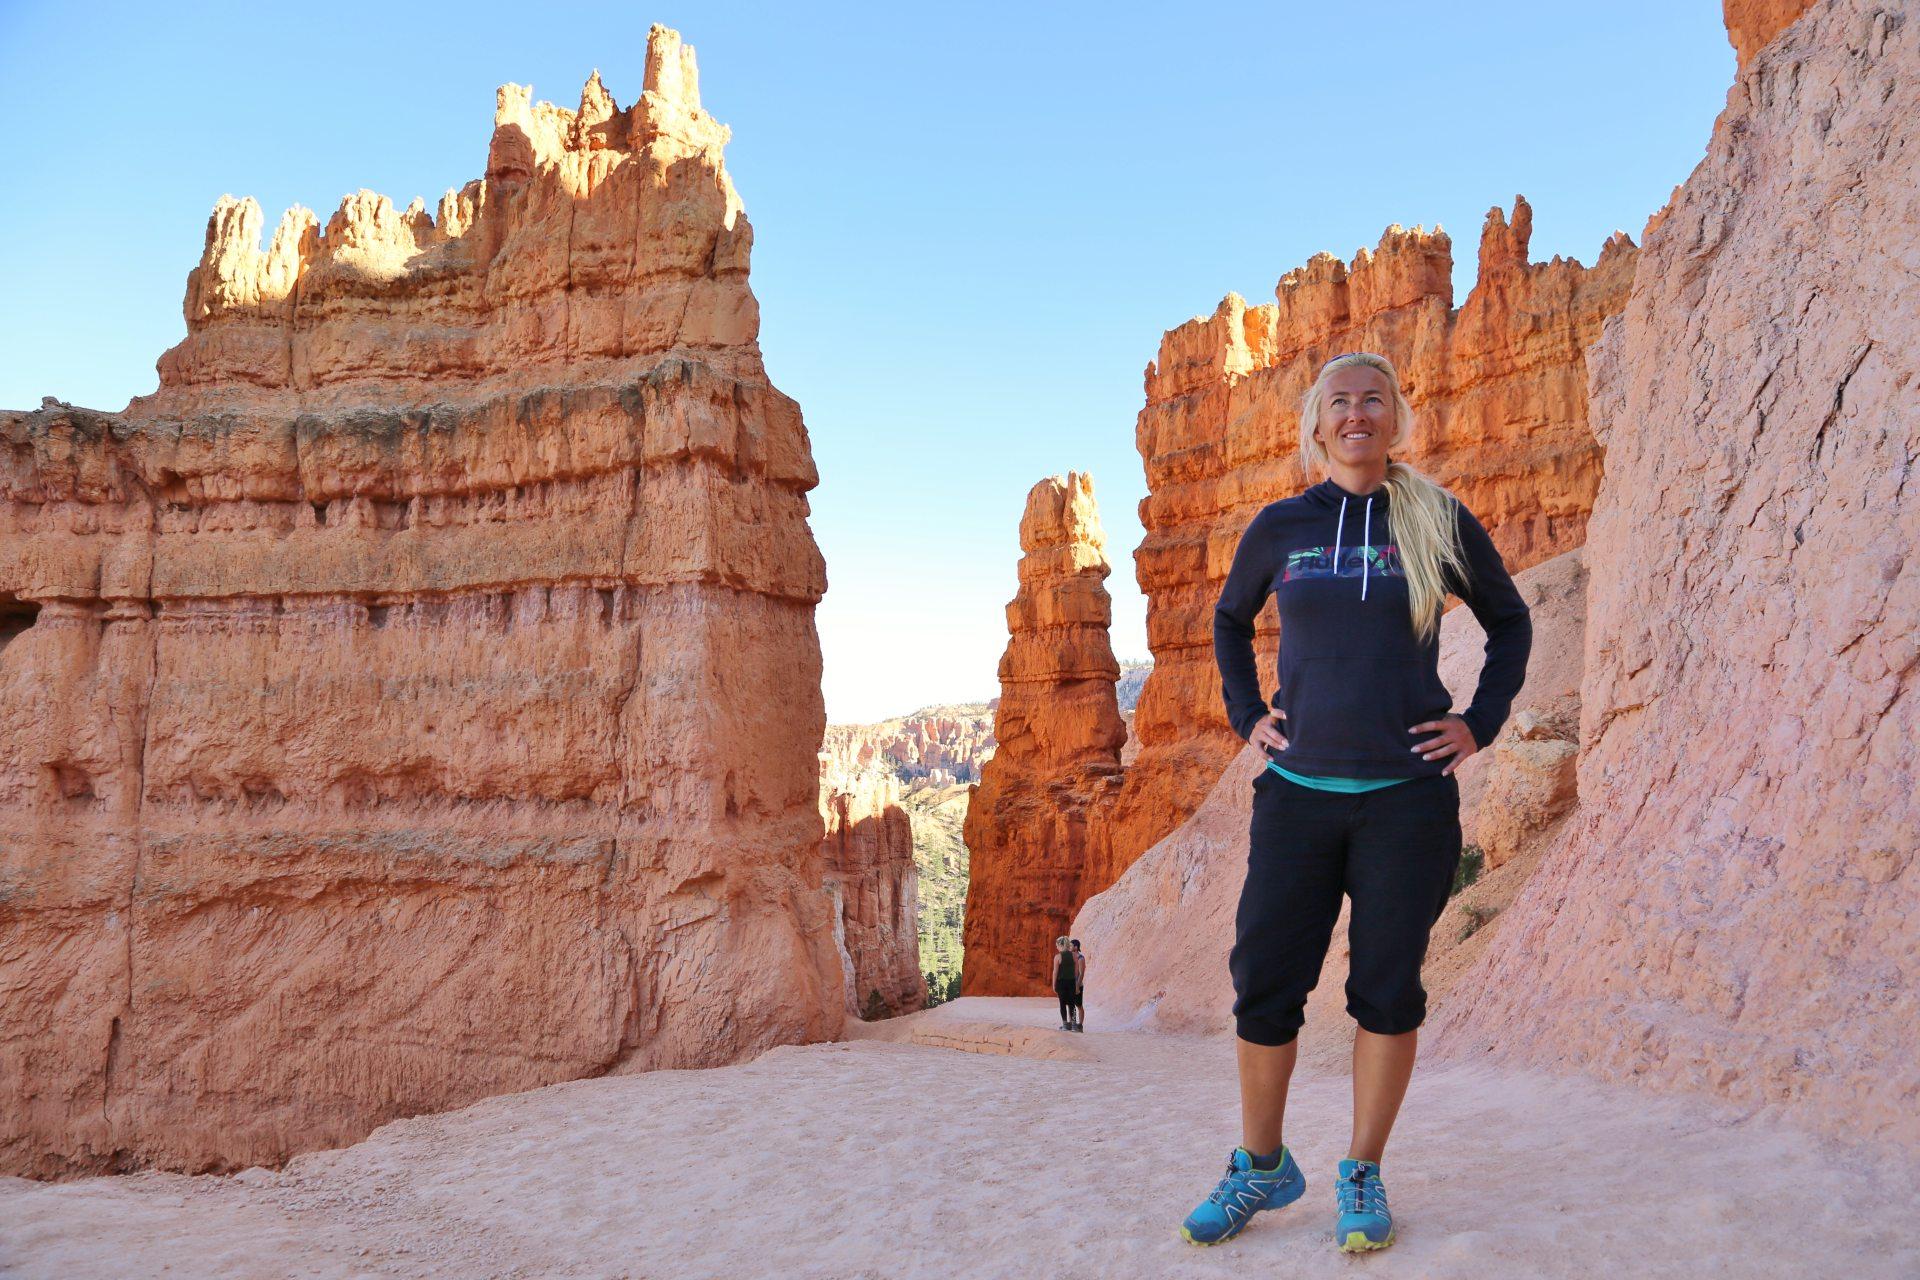 Am Grunde des Bryce Canyons - Blondine, Bryce Canyon National Park, Canyon, Erosion, farbenfroh, Felsnadeln, Felstürme, Felswände, Geologie, Gestein, Gesteinssäulen, Gesteinsschichten, Himmel, Hoodoos, Monolithen, Navajo Loop Trail, Personen, Pfad, Portrait, Porträt, Sandstein, Schlucht, Utah, Wanderweg, Weg - HOFBAUER-HOFMANN Sofia - (Bryce Canyon, Bryce, Utah, Vereinigte Staaten)